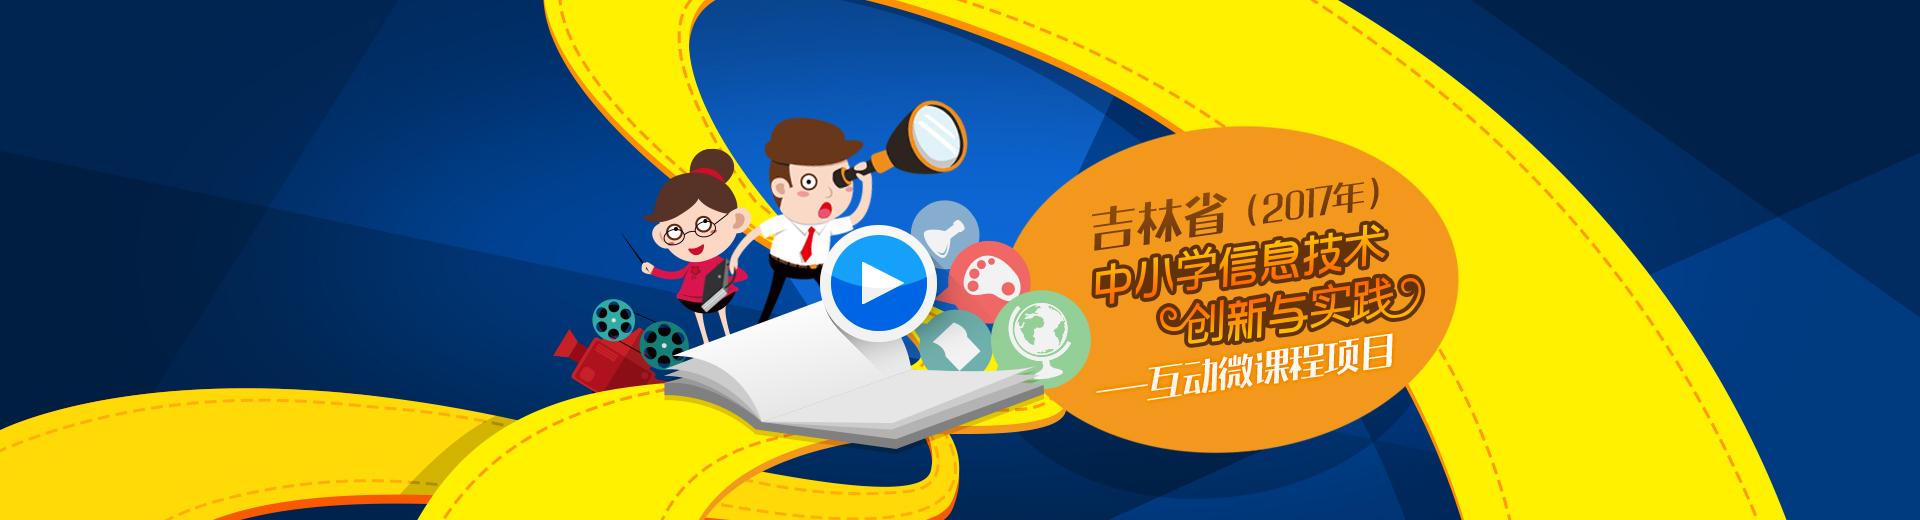 吉林省(2017年)中小学信息技术创新与实践 —互动微课程项目